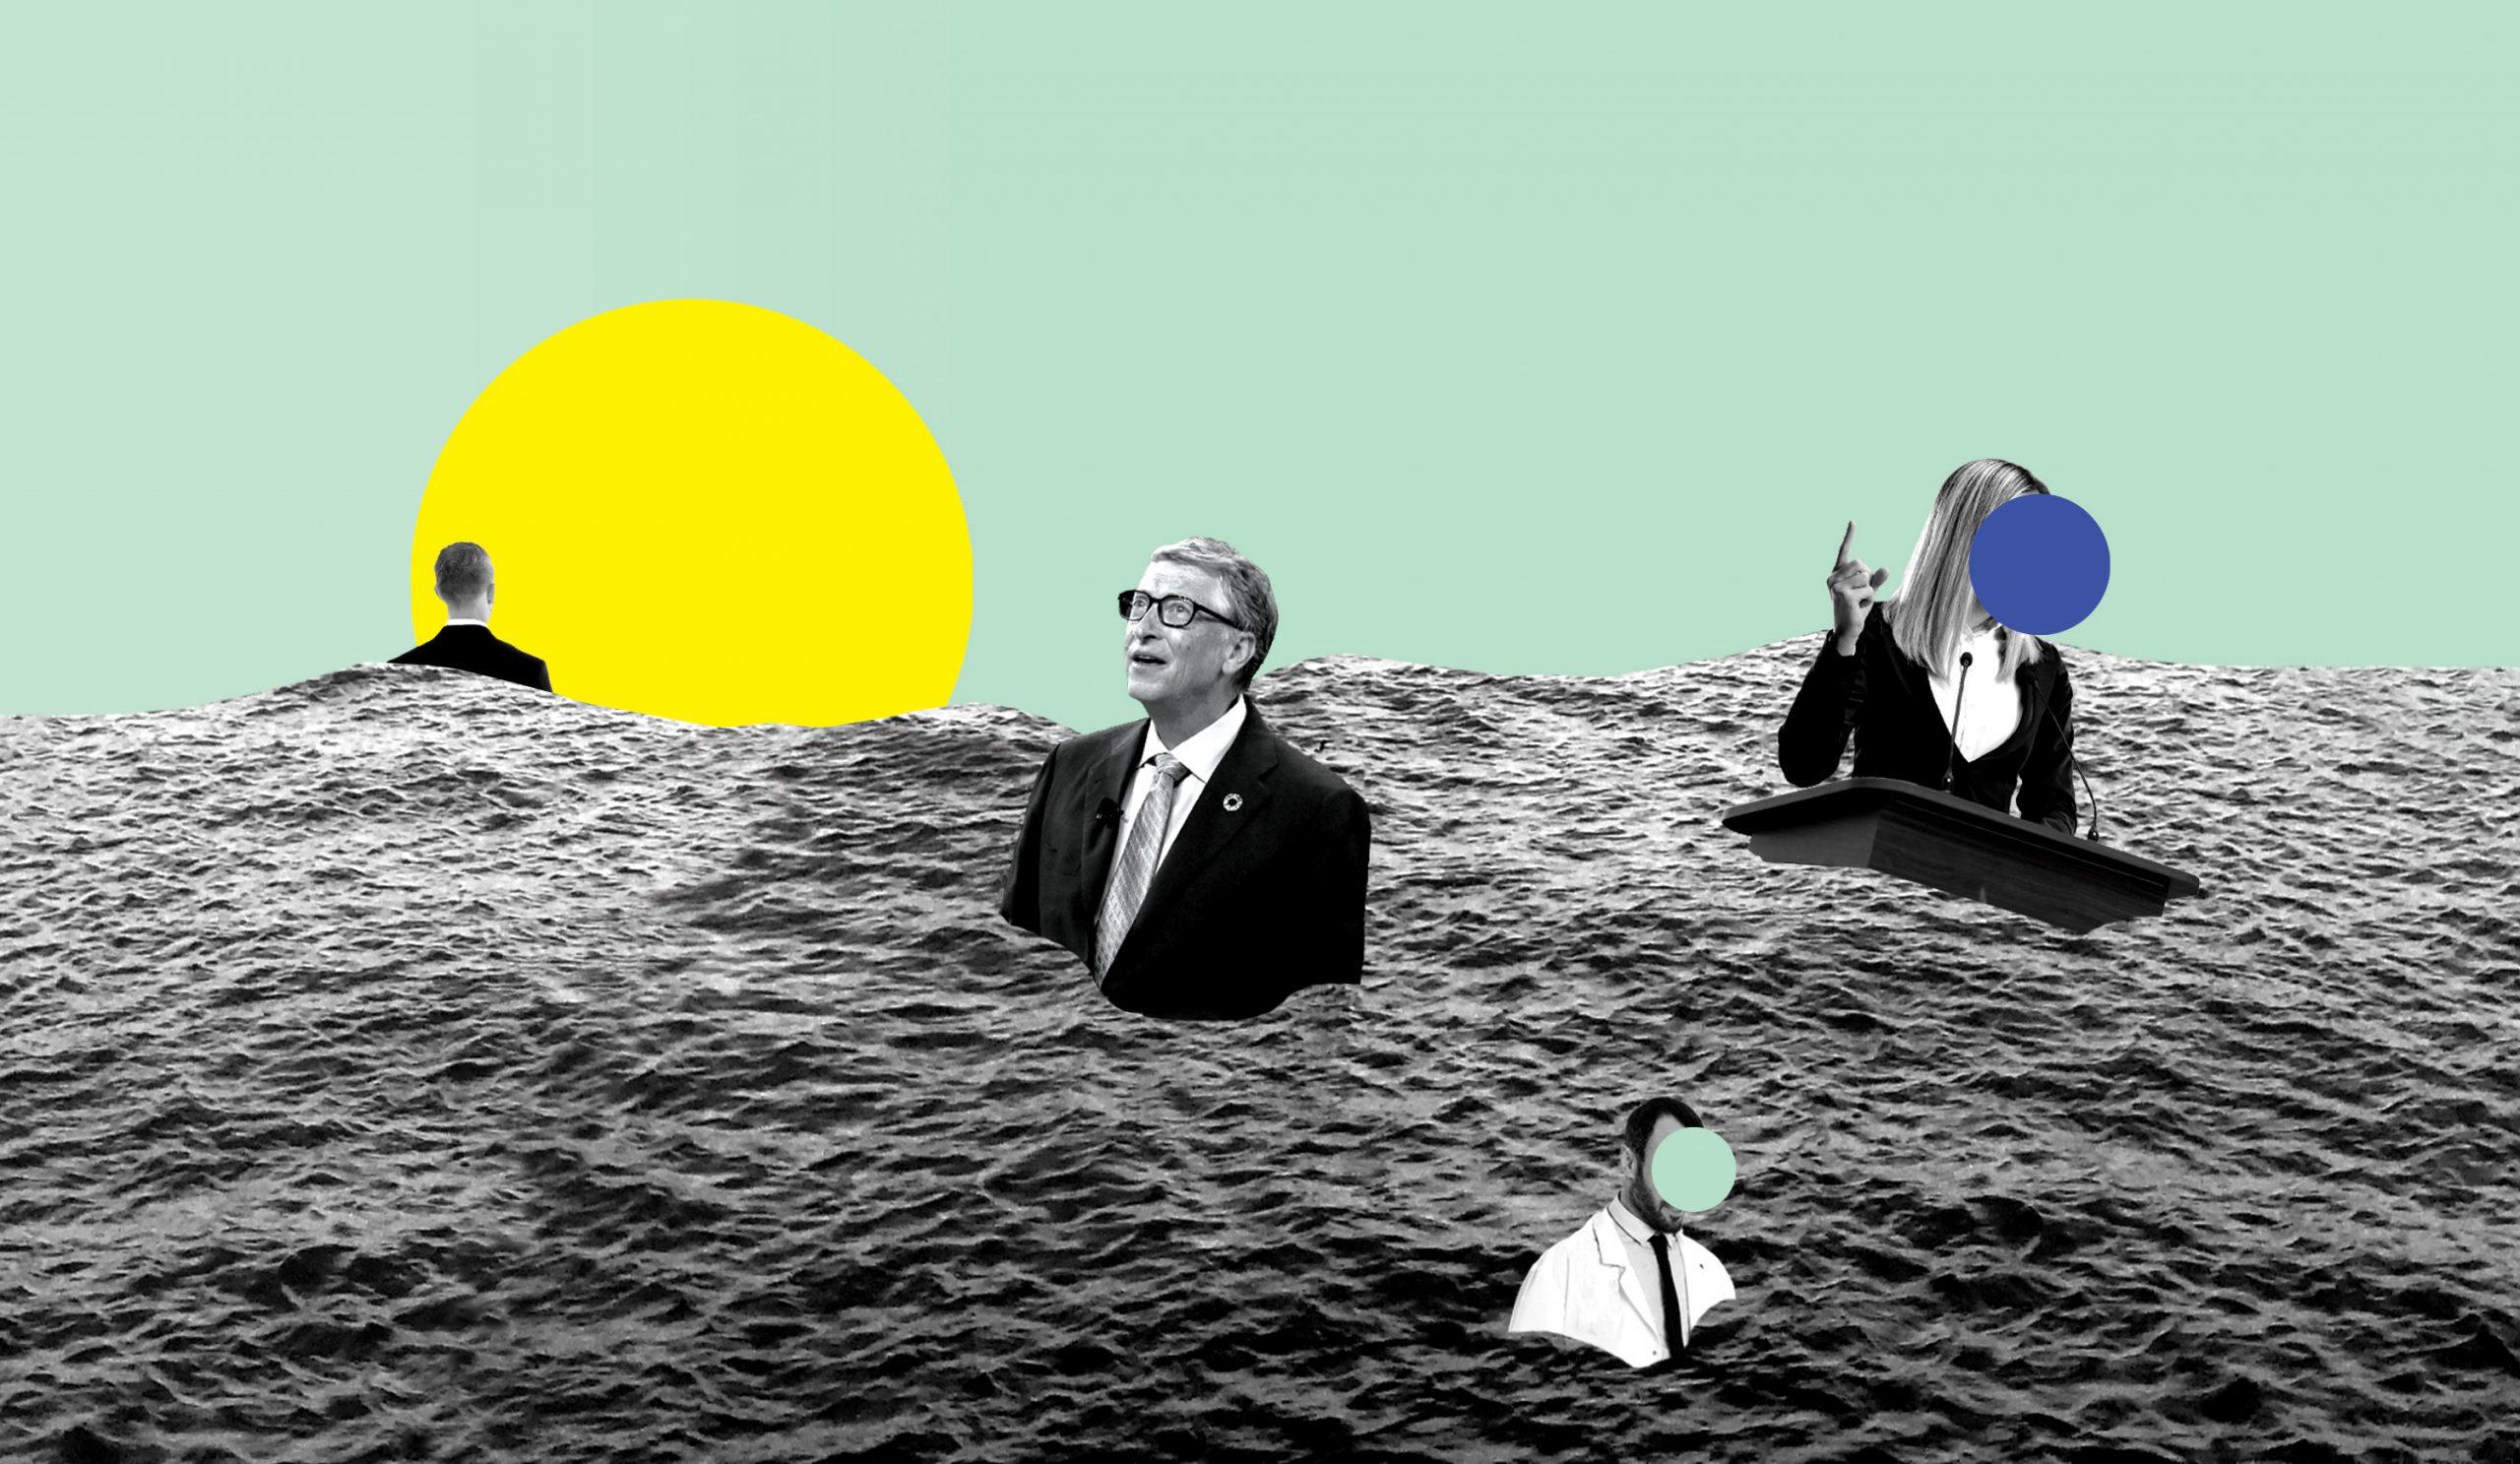 ビル・ゲイツと 気候ソリューショニズムが 地球を救えない理由